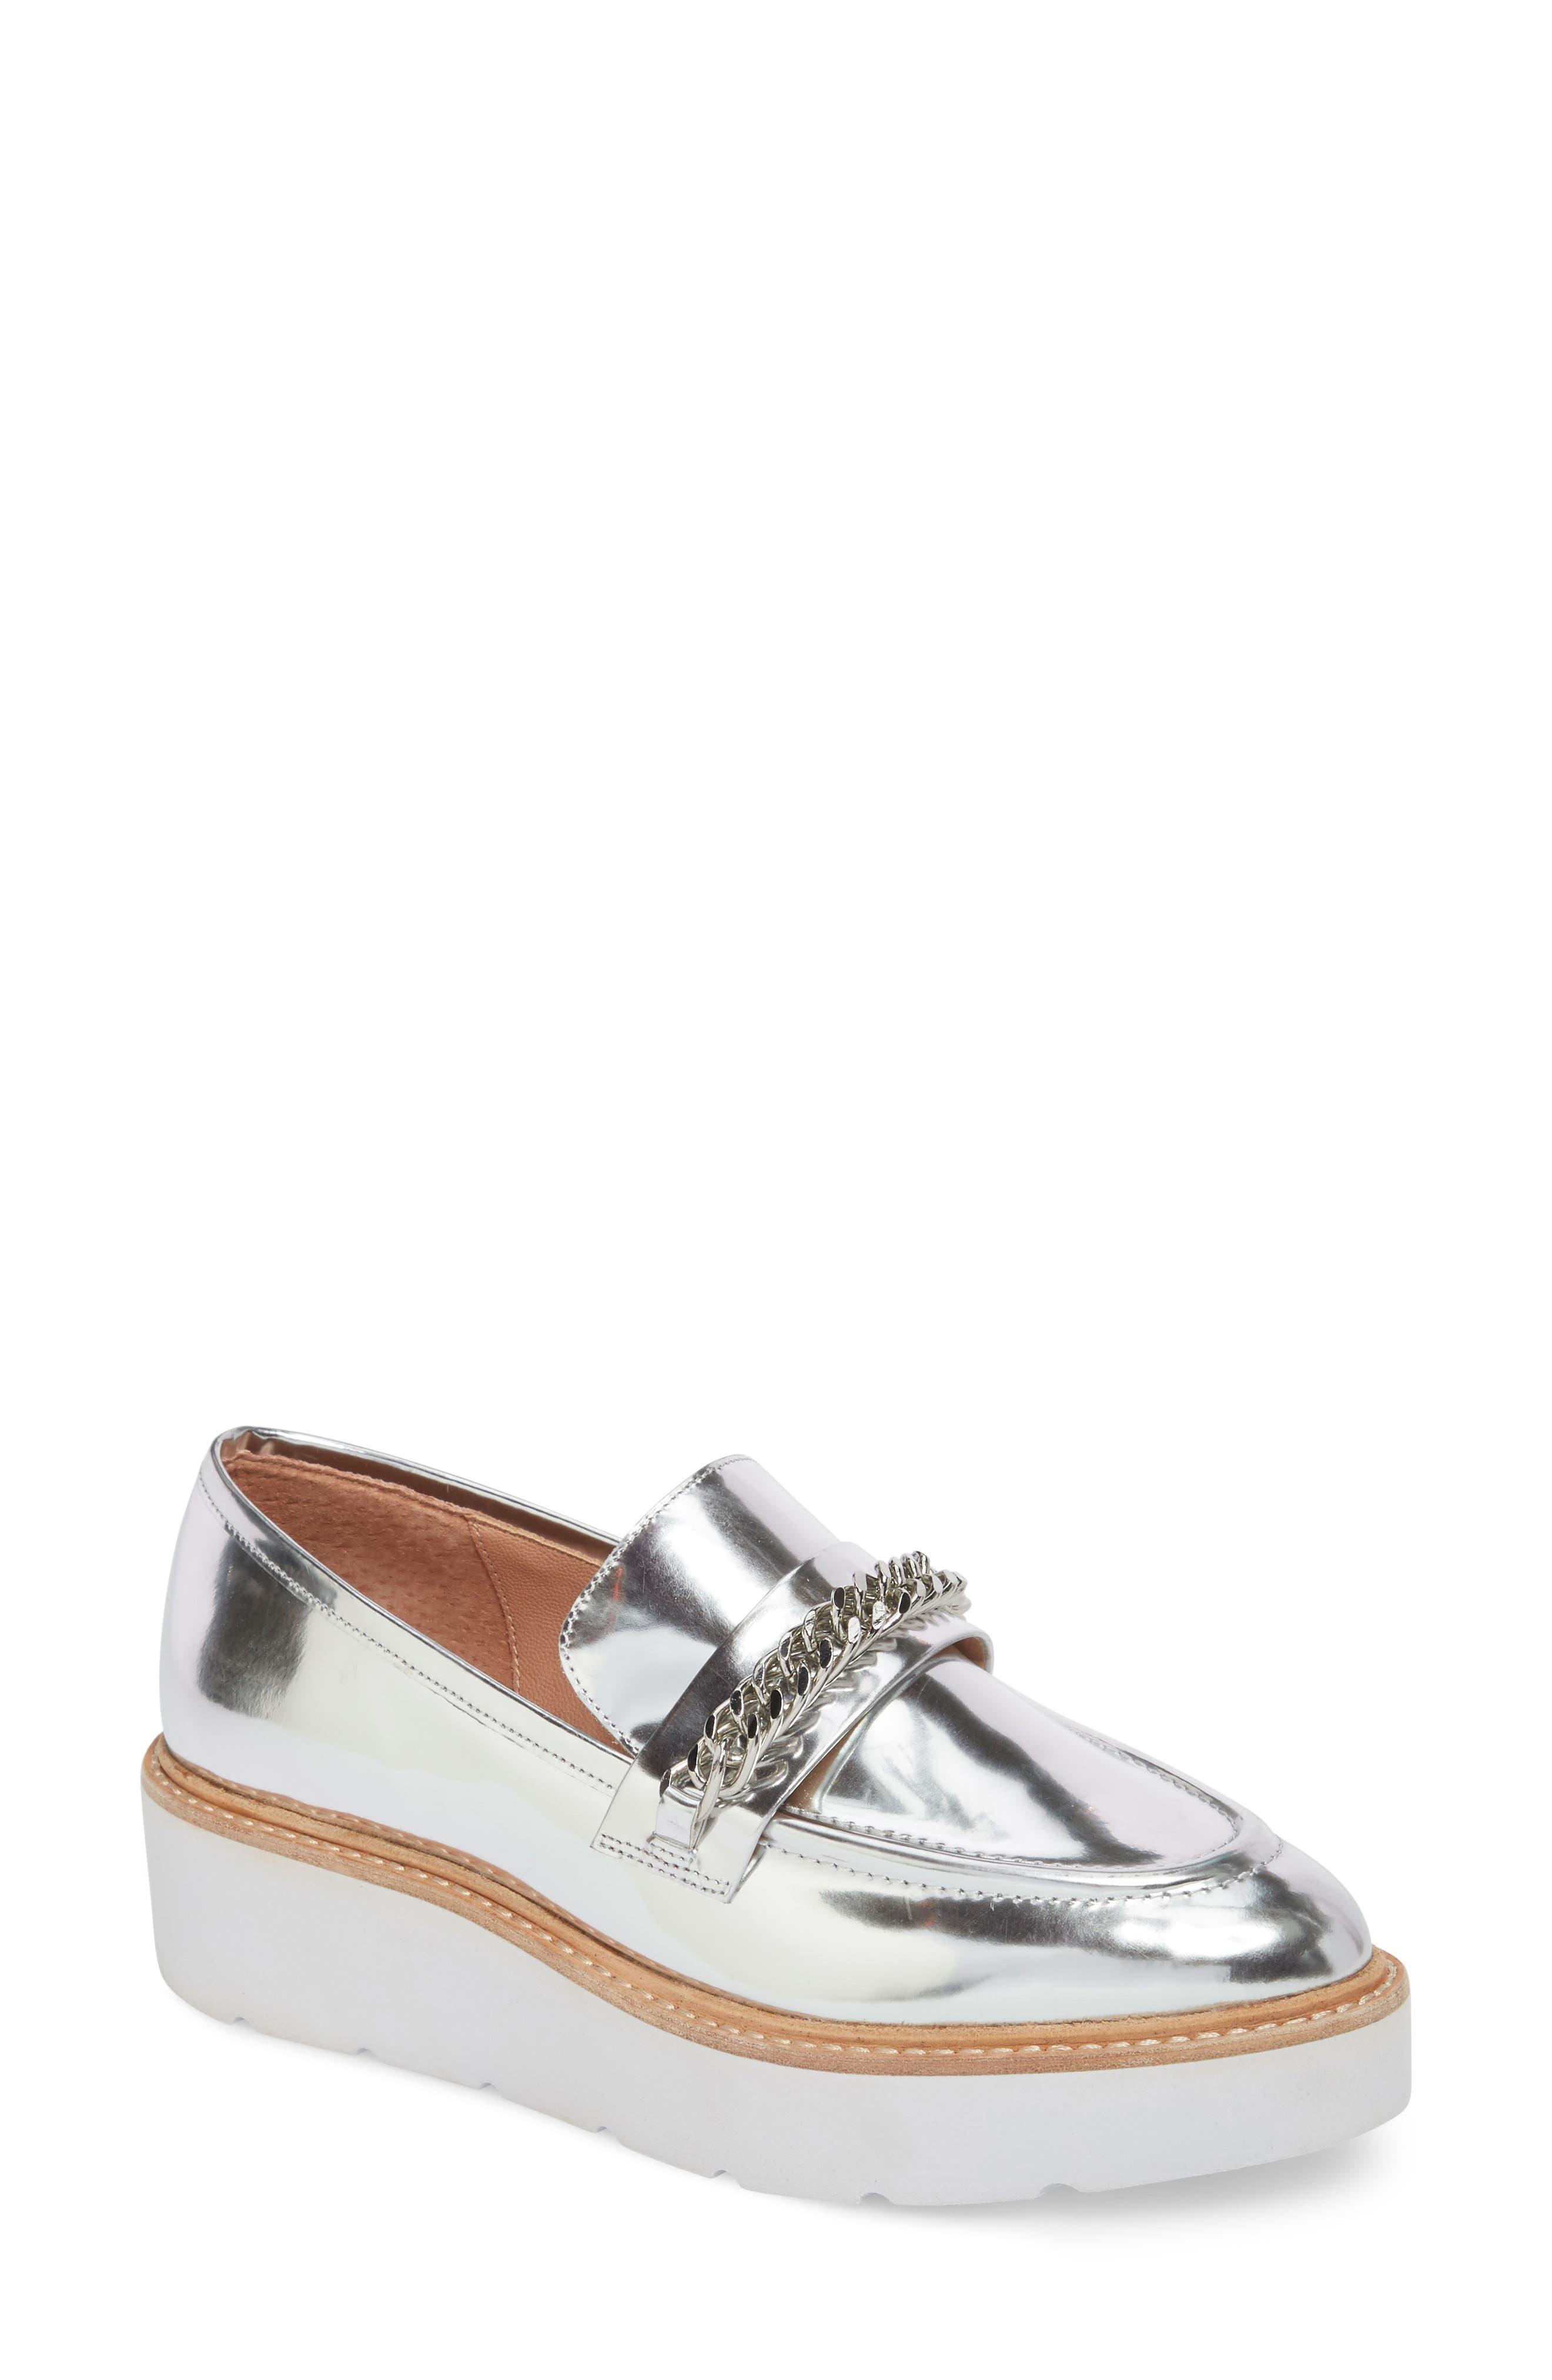 Jacki Platform Loafer,                         Main,                         color, Silver Leather